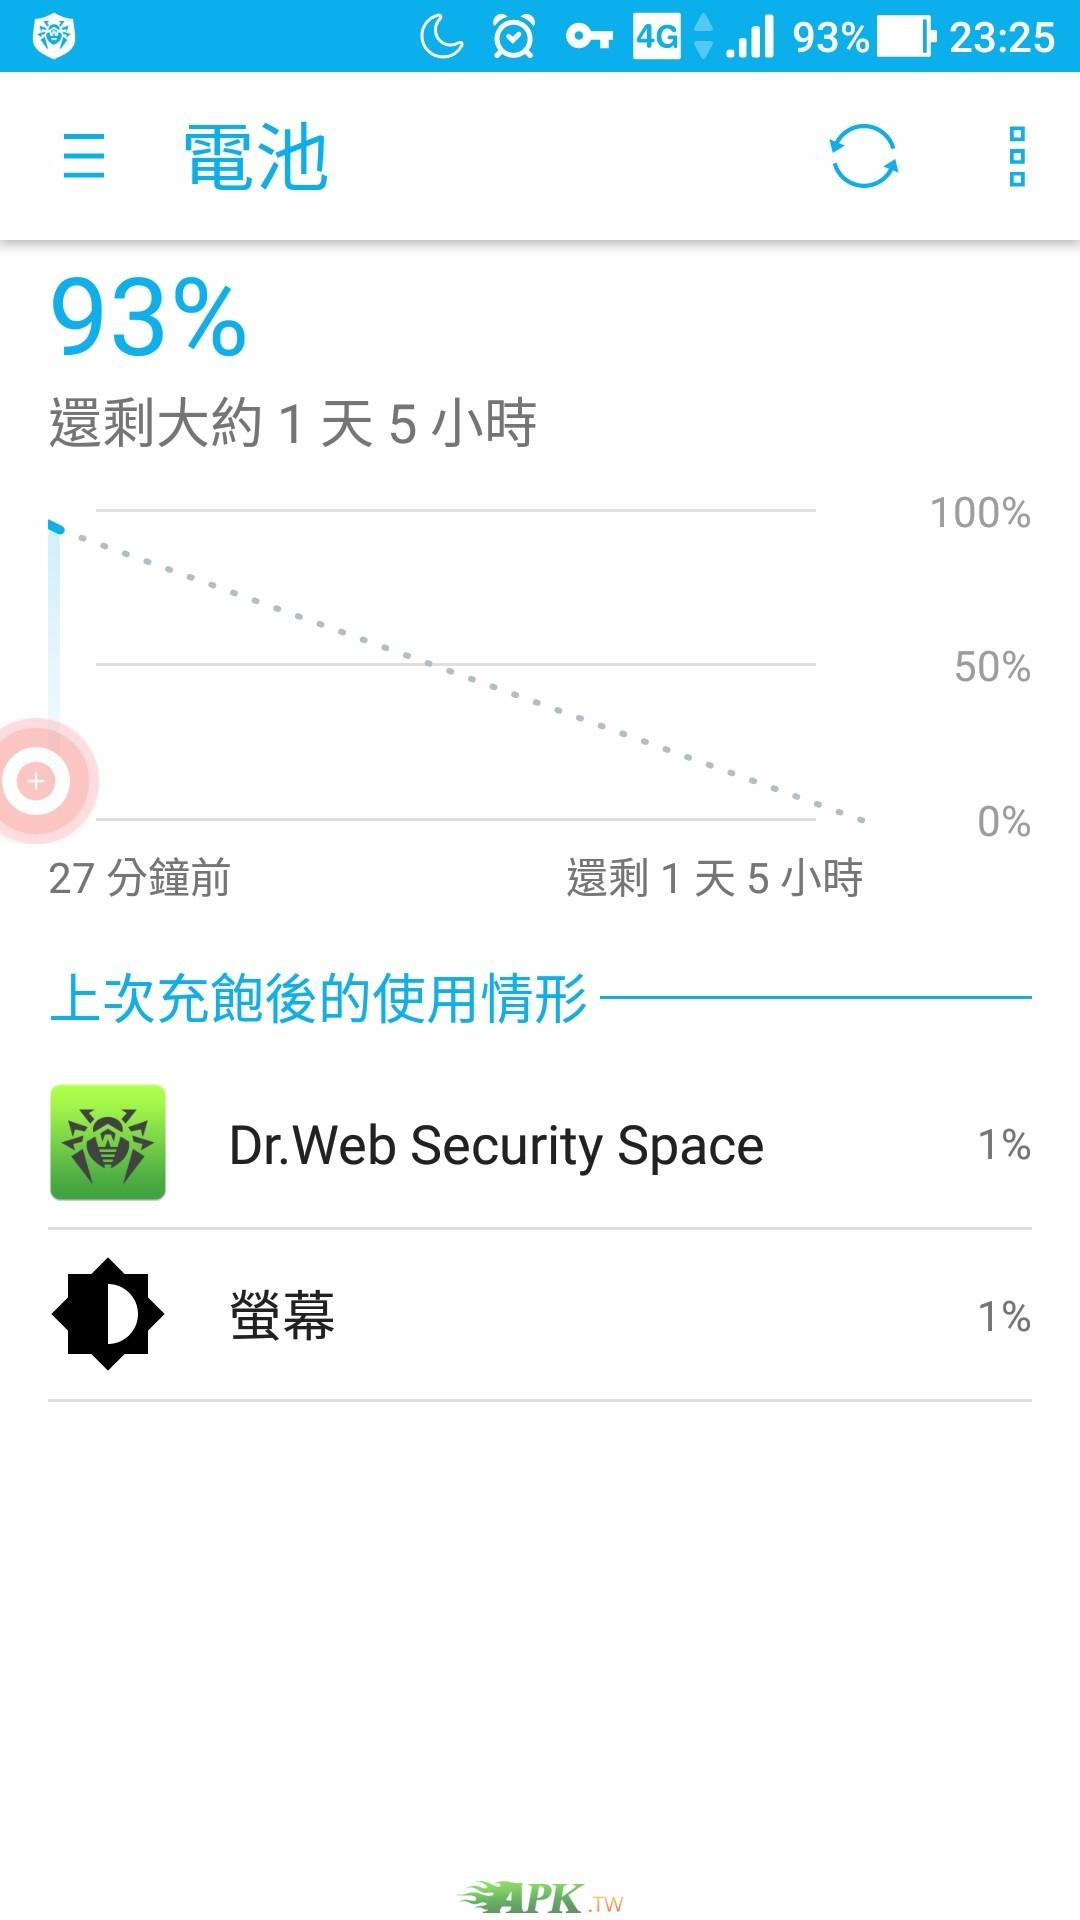 Screenshot_20170807-232542.jpg